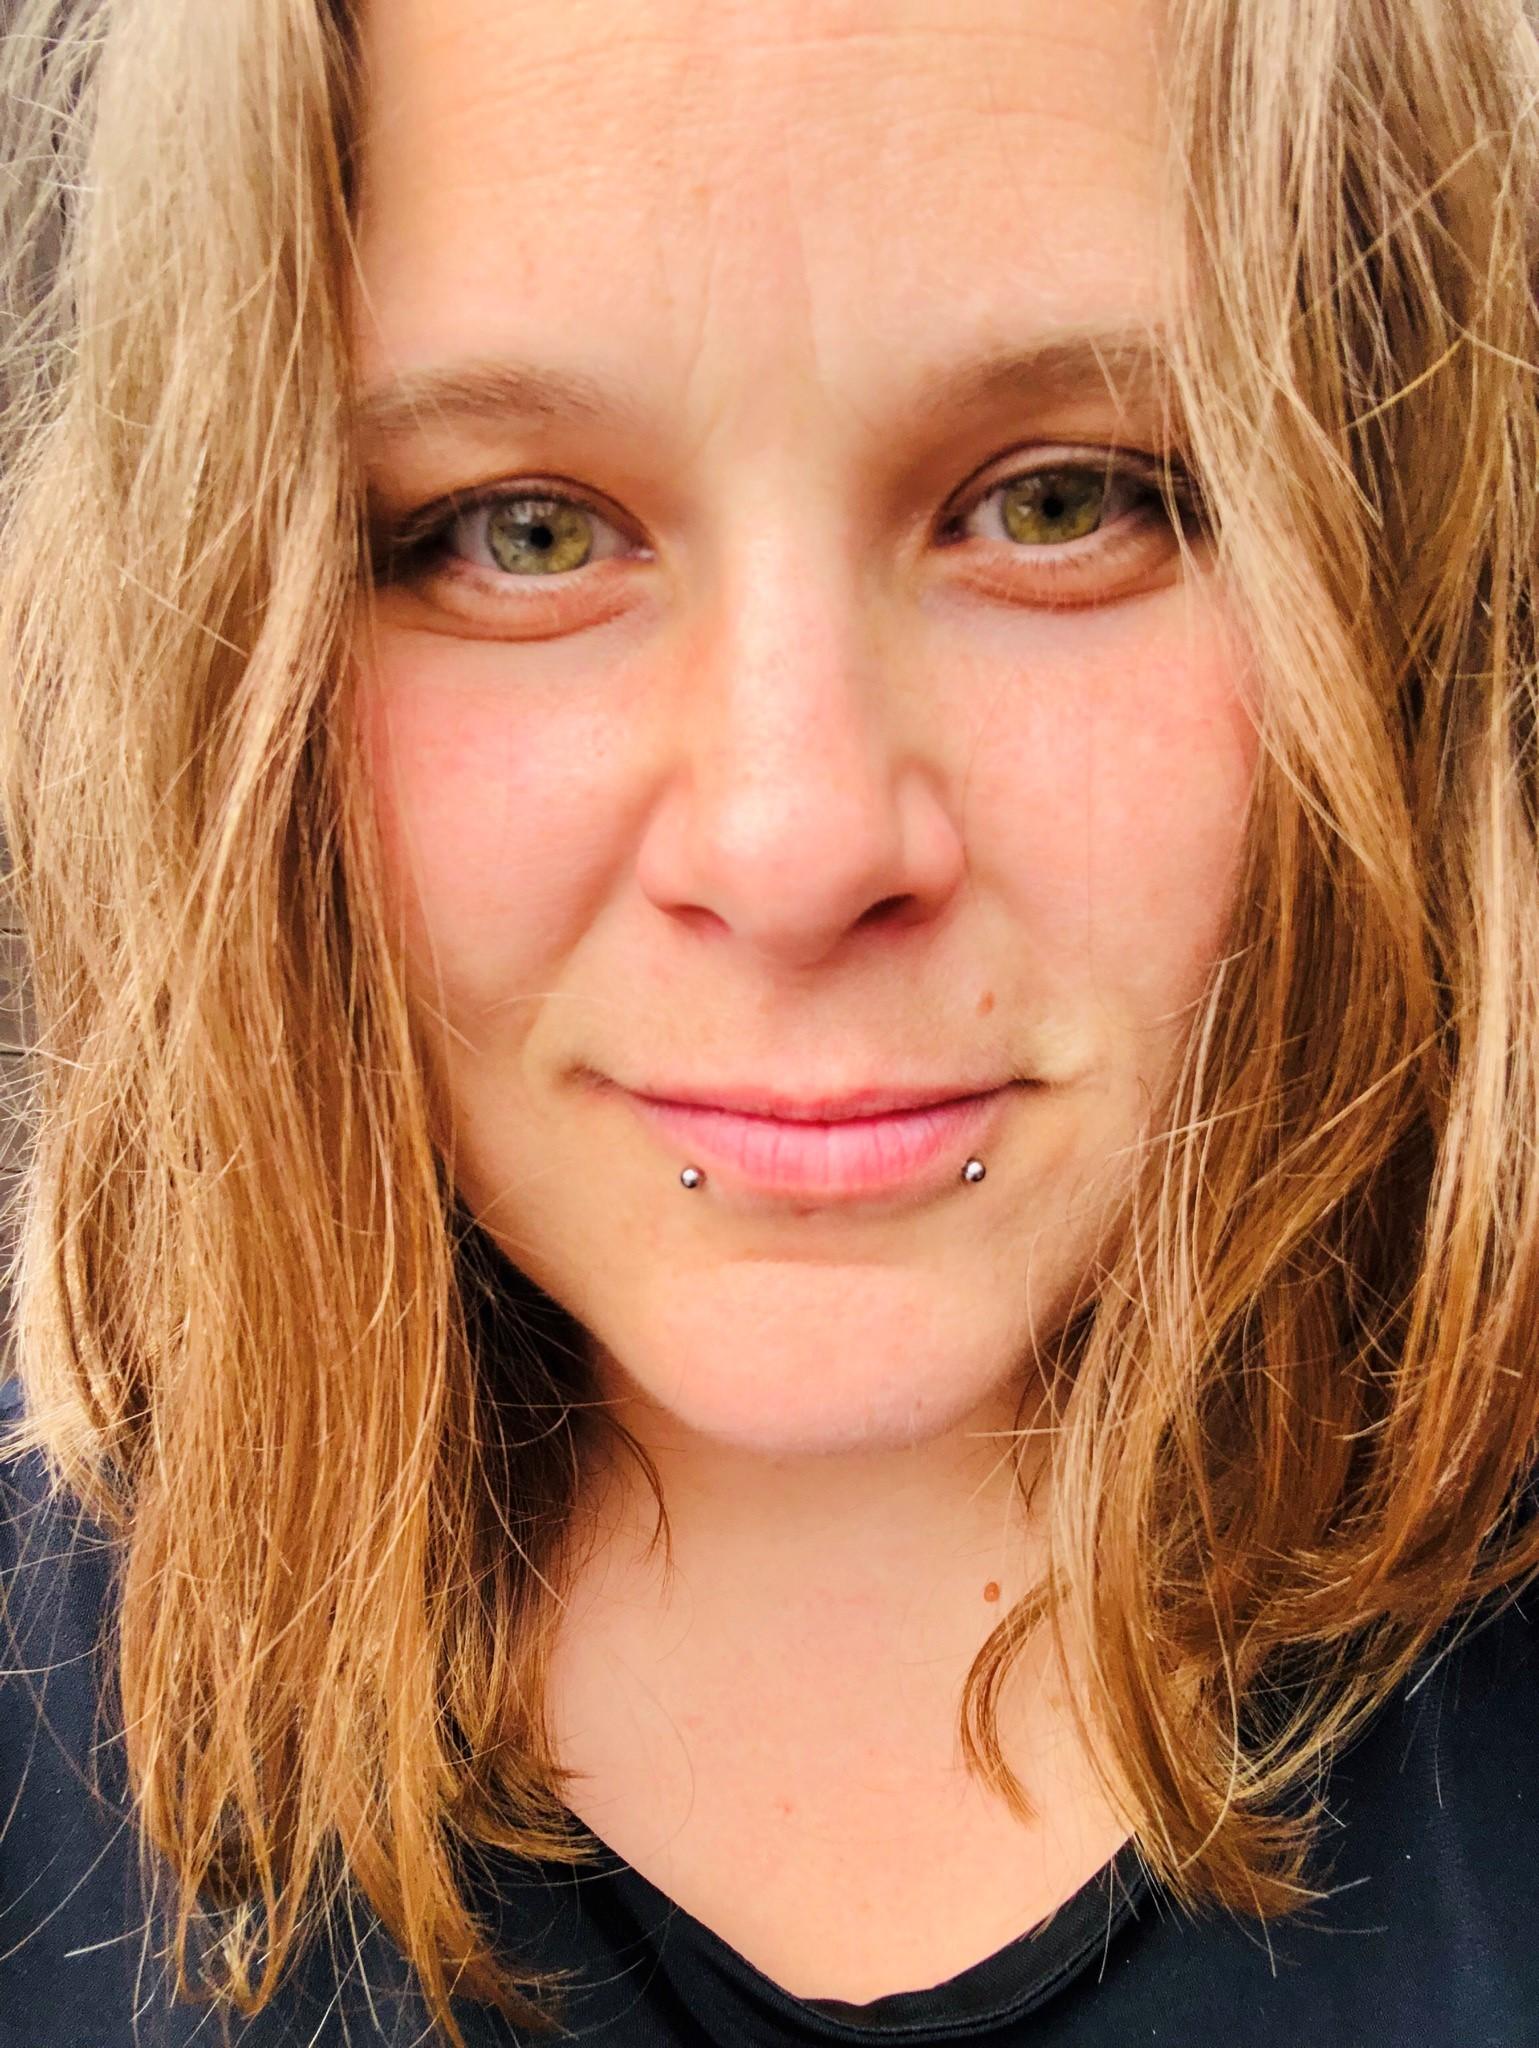 Heather rogers innerhalb von 50 meilen aus